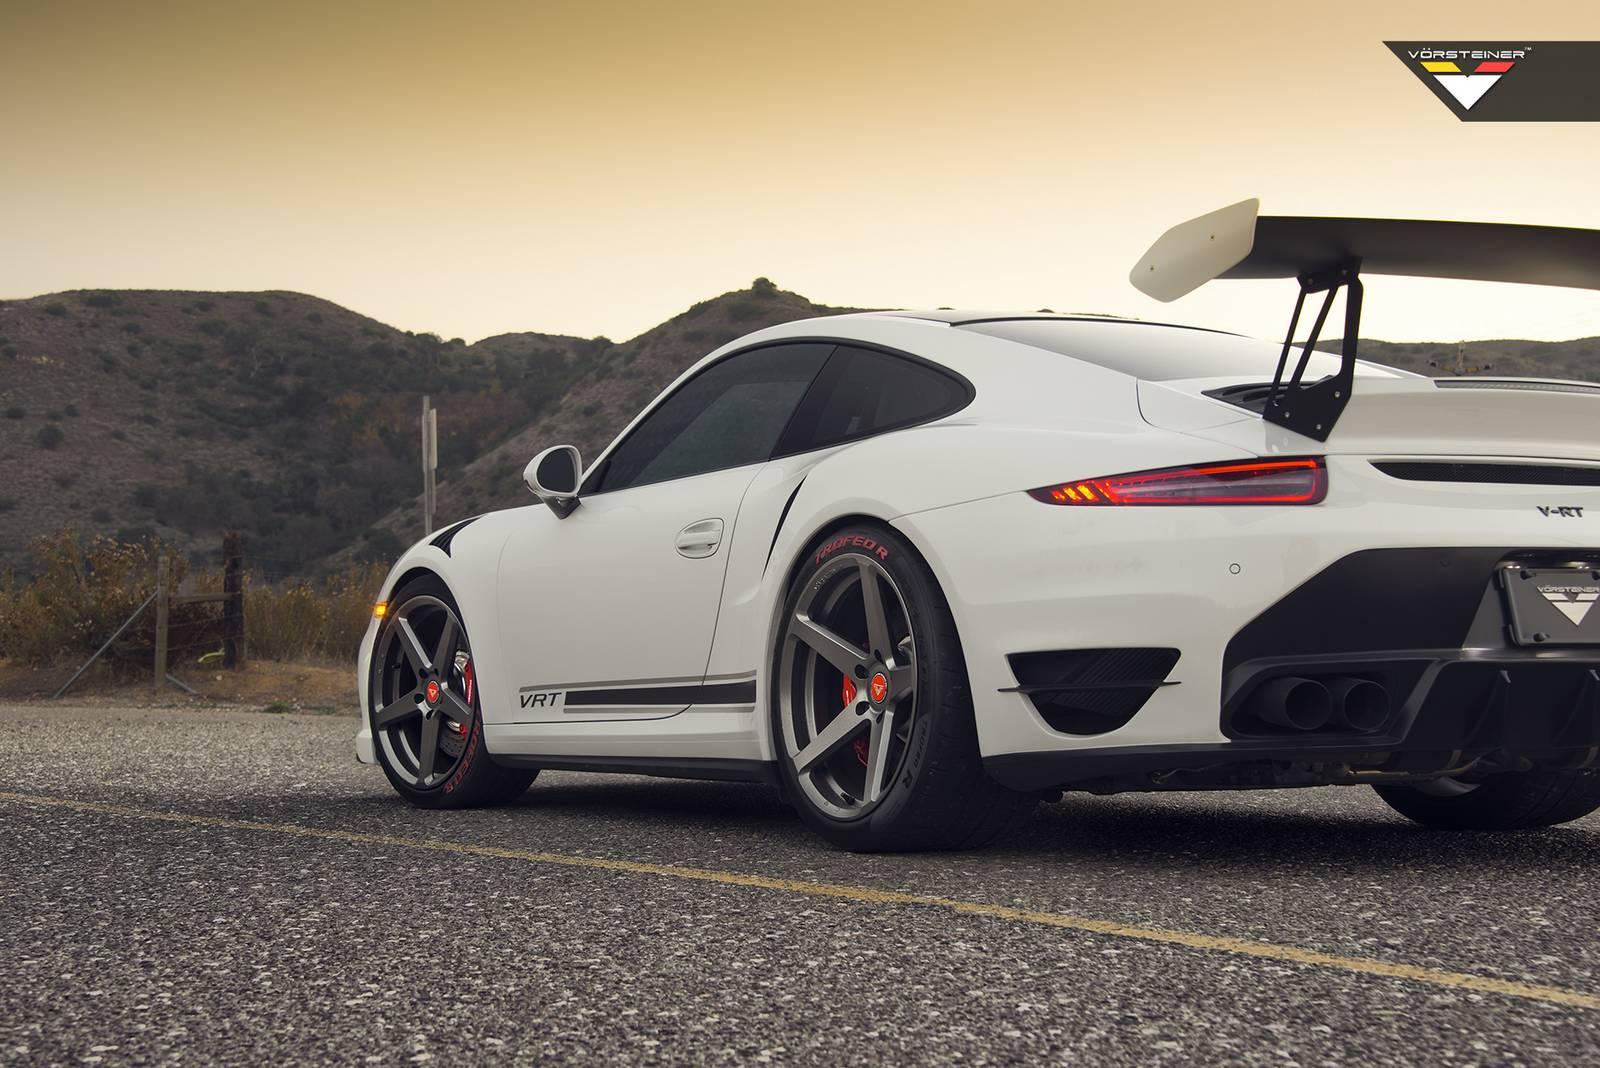 Porsche-911-V-RT-Edition-tuning-Vorsteiner-11